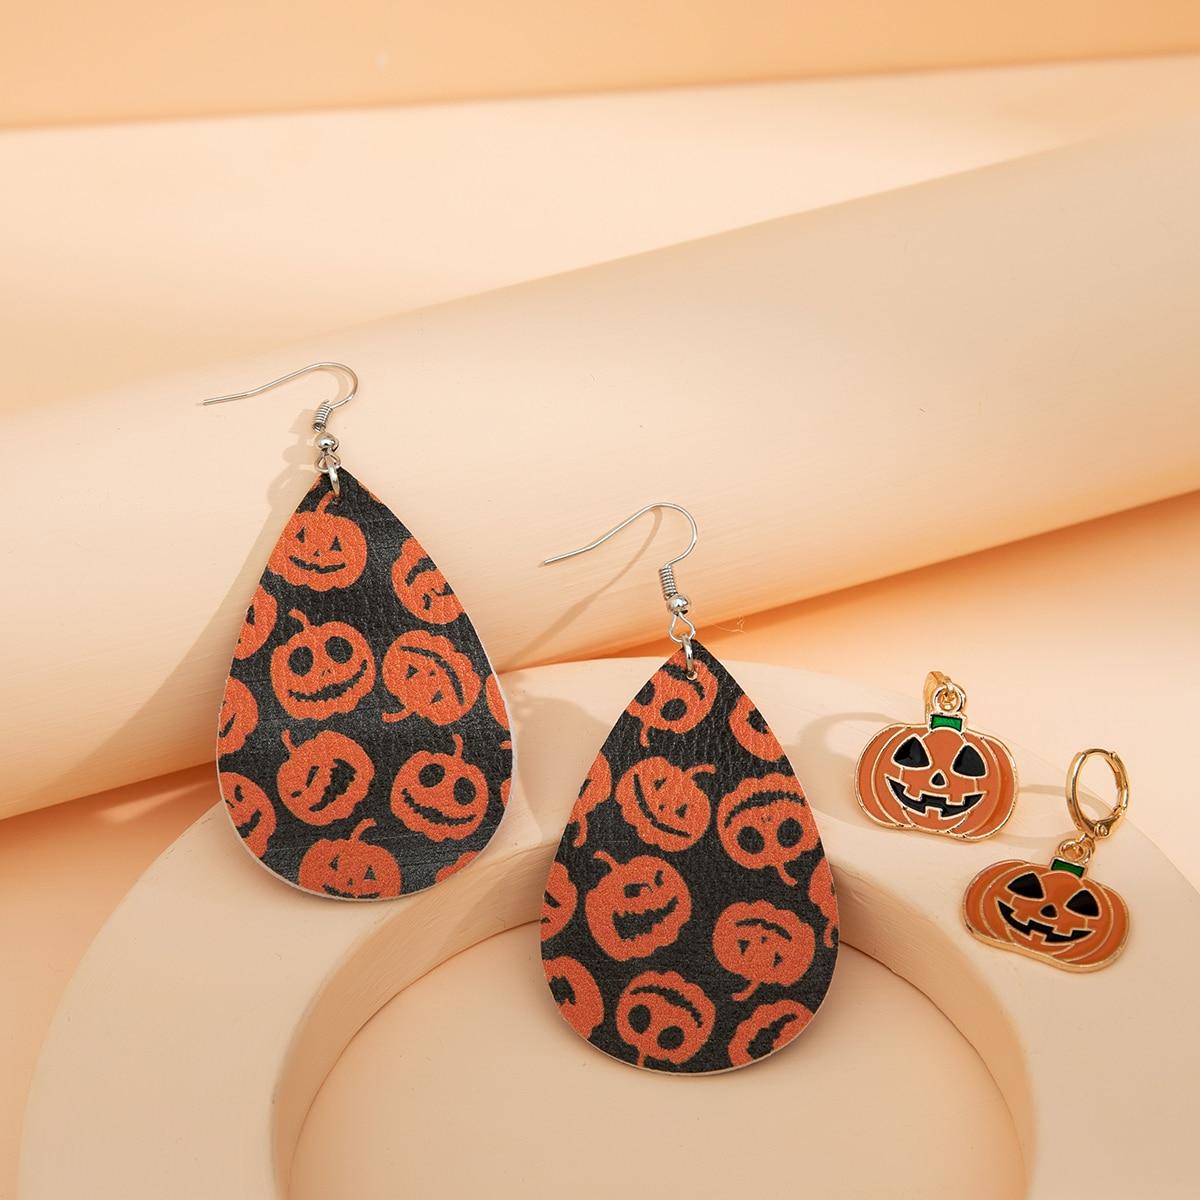 2 пары Хэллоуин серьги-подвески с декором тыквы для девочек